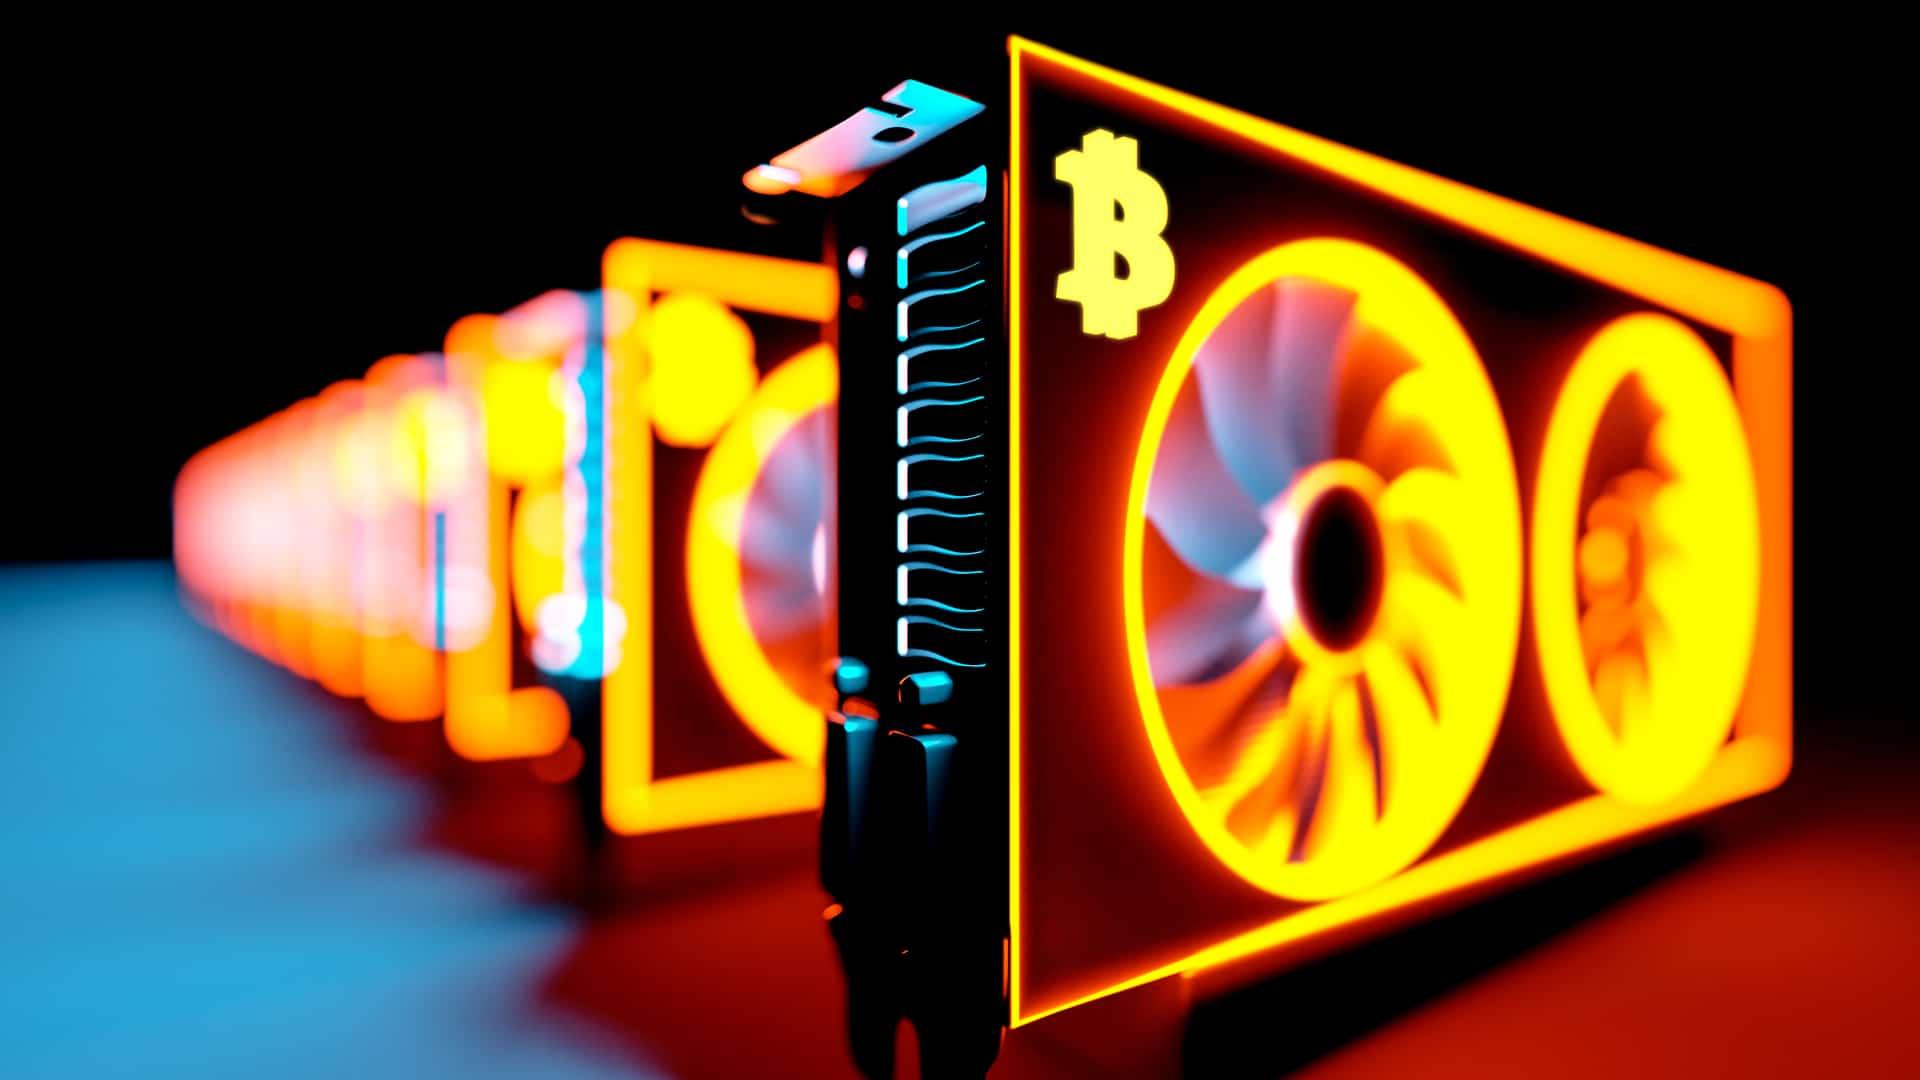 enseignes qui accettata bitcoin bitcoin scambio uk